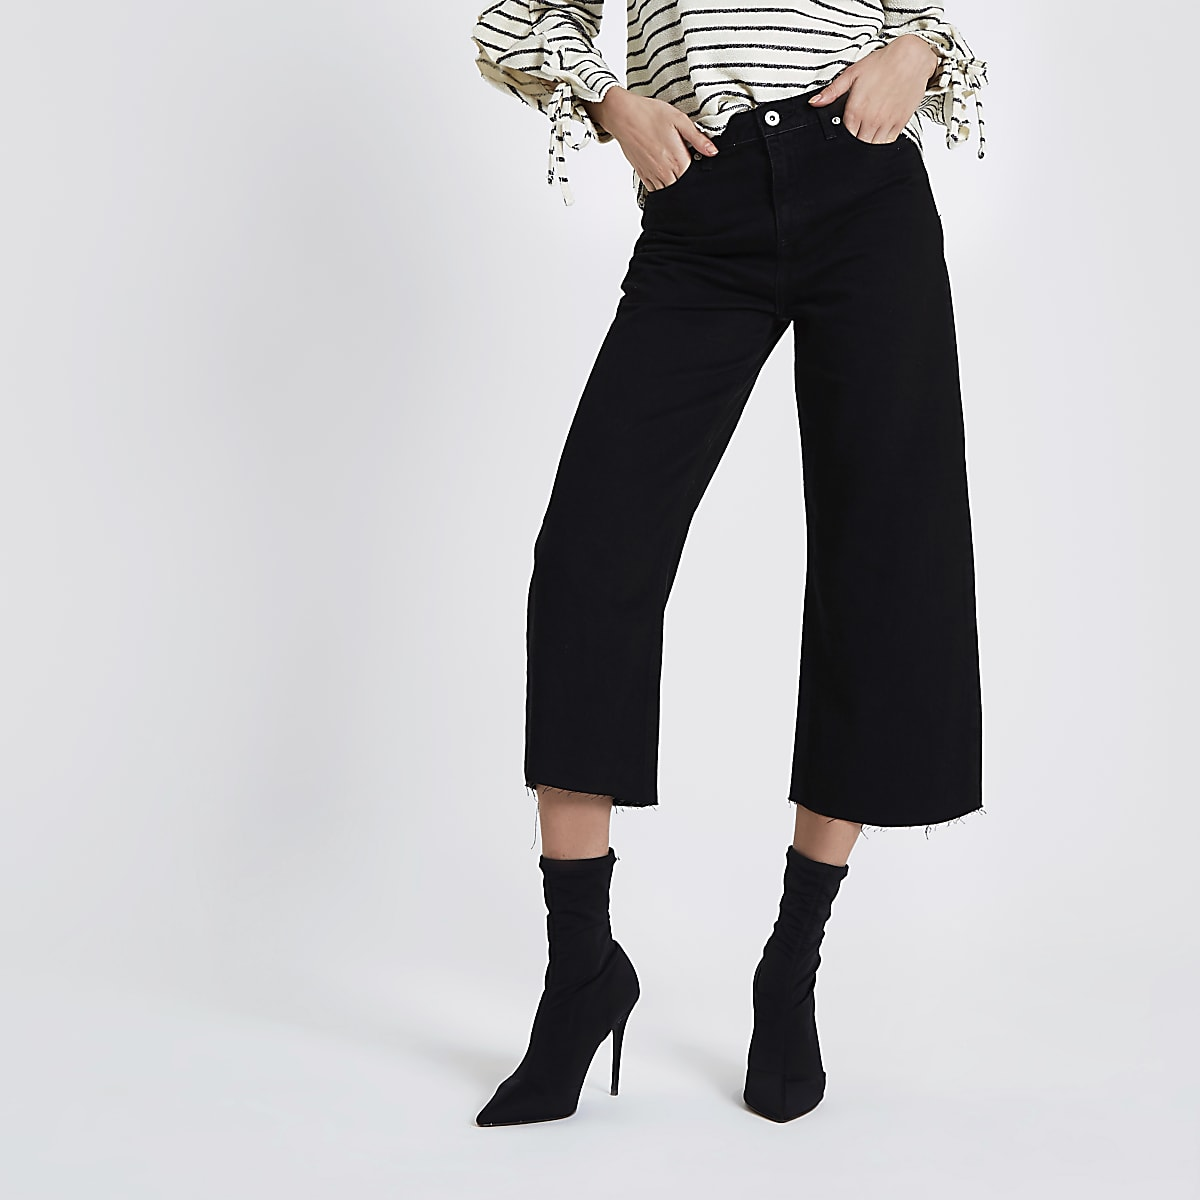 Alexa – Schwarze, kurz geschnittene Jeans mit weitem Bein